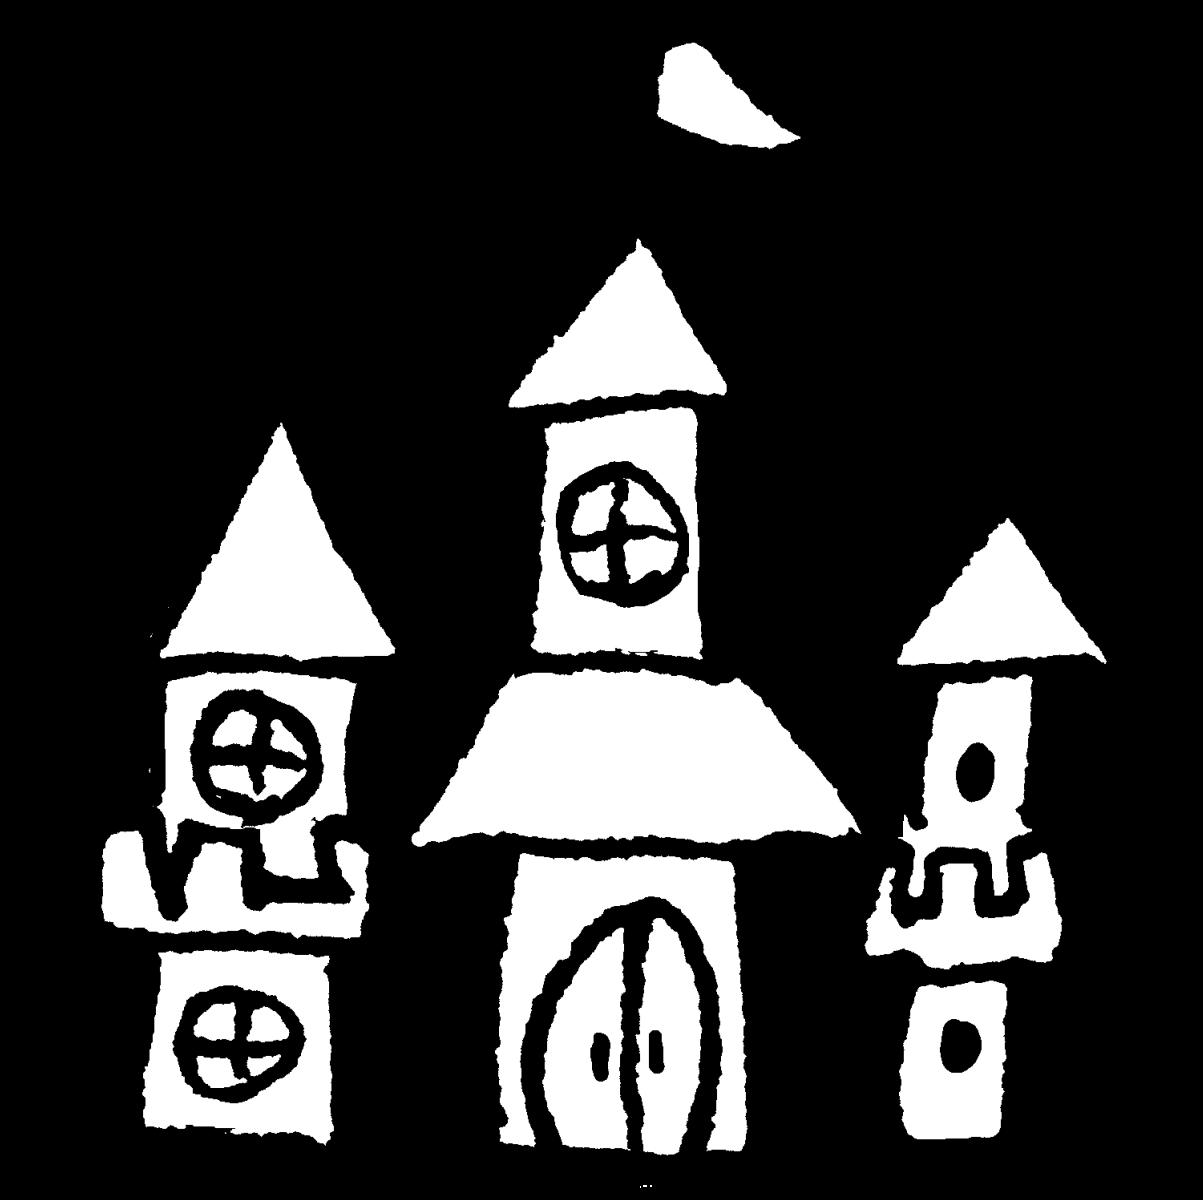 城のイラスト / Castle Illustration